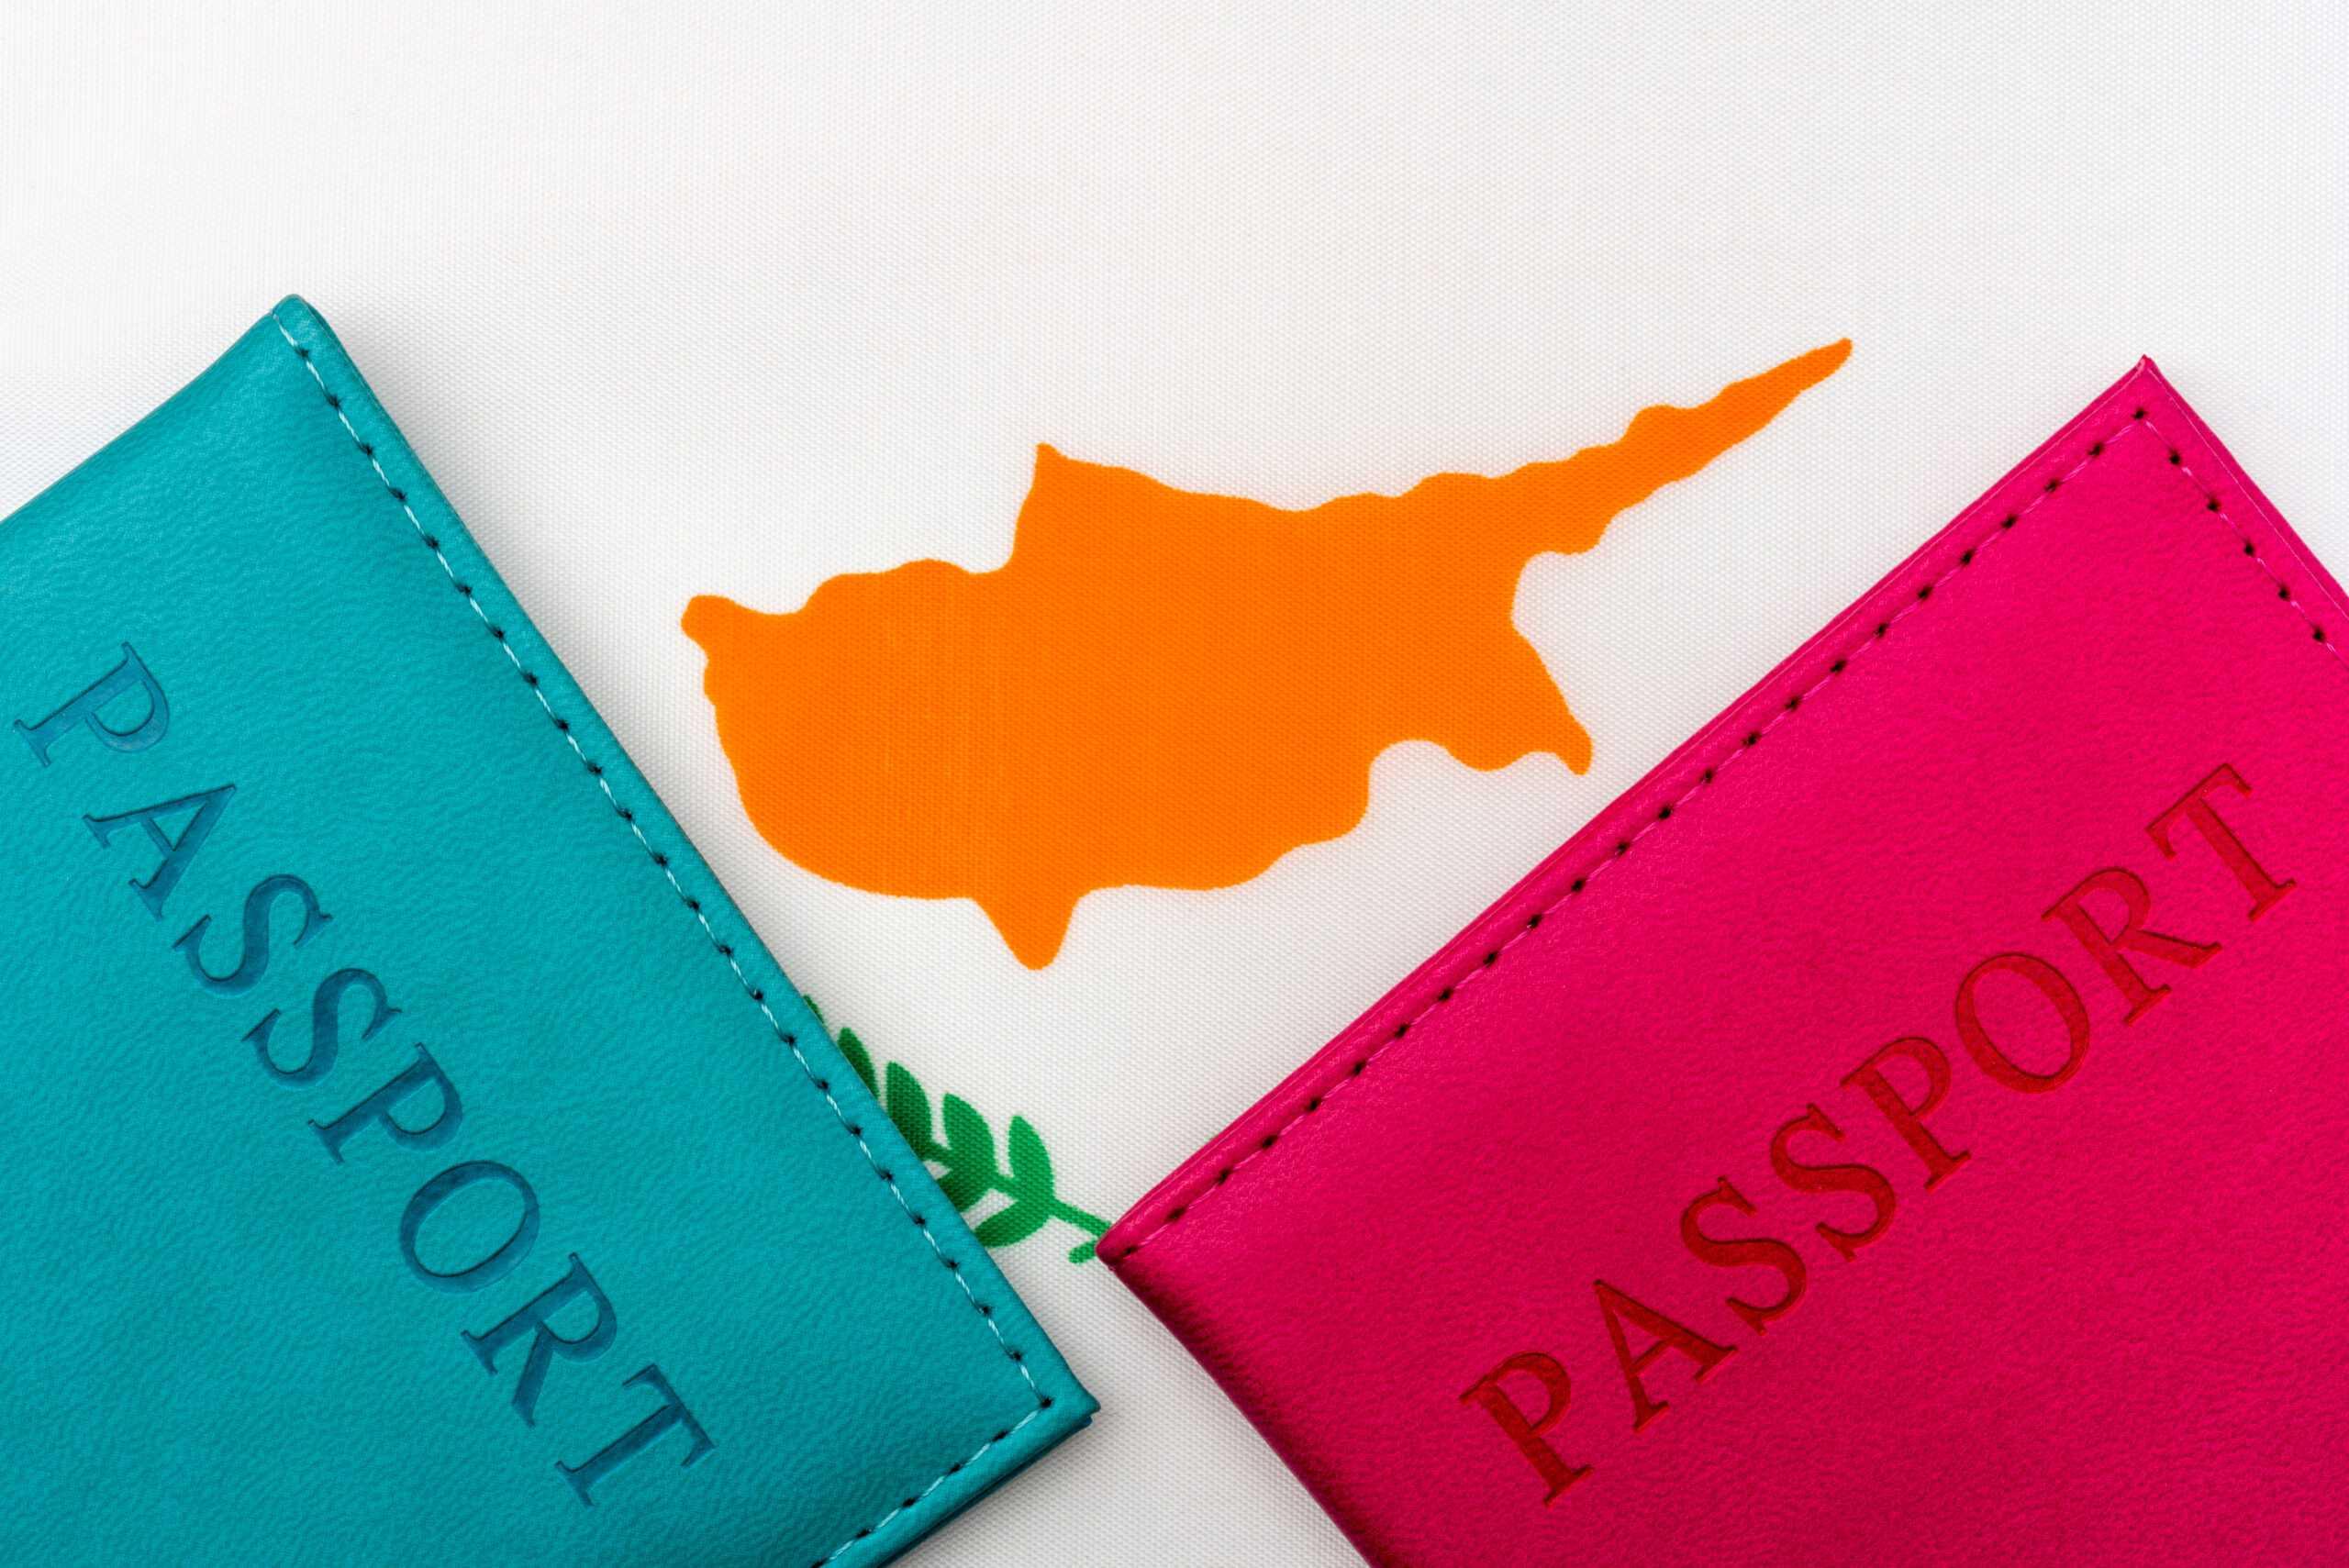 Парламент Кипра изменяет правила своей инвестиционной программы